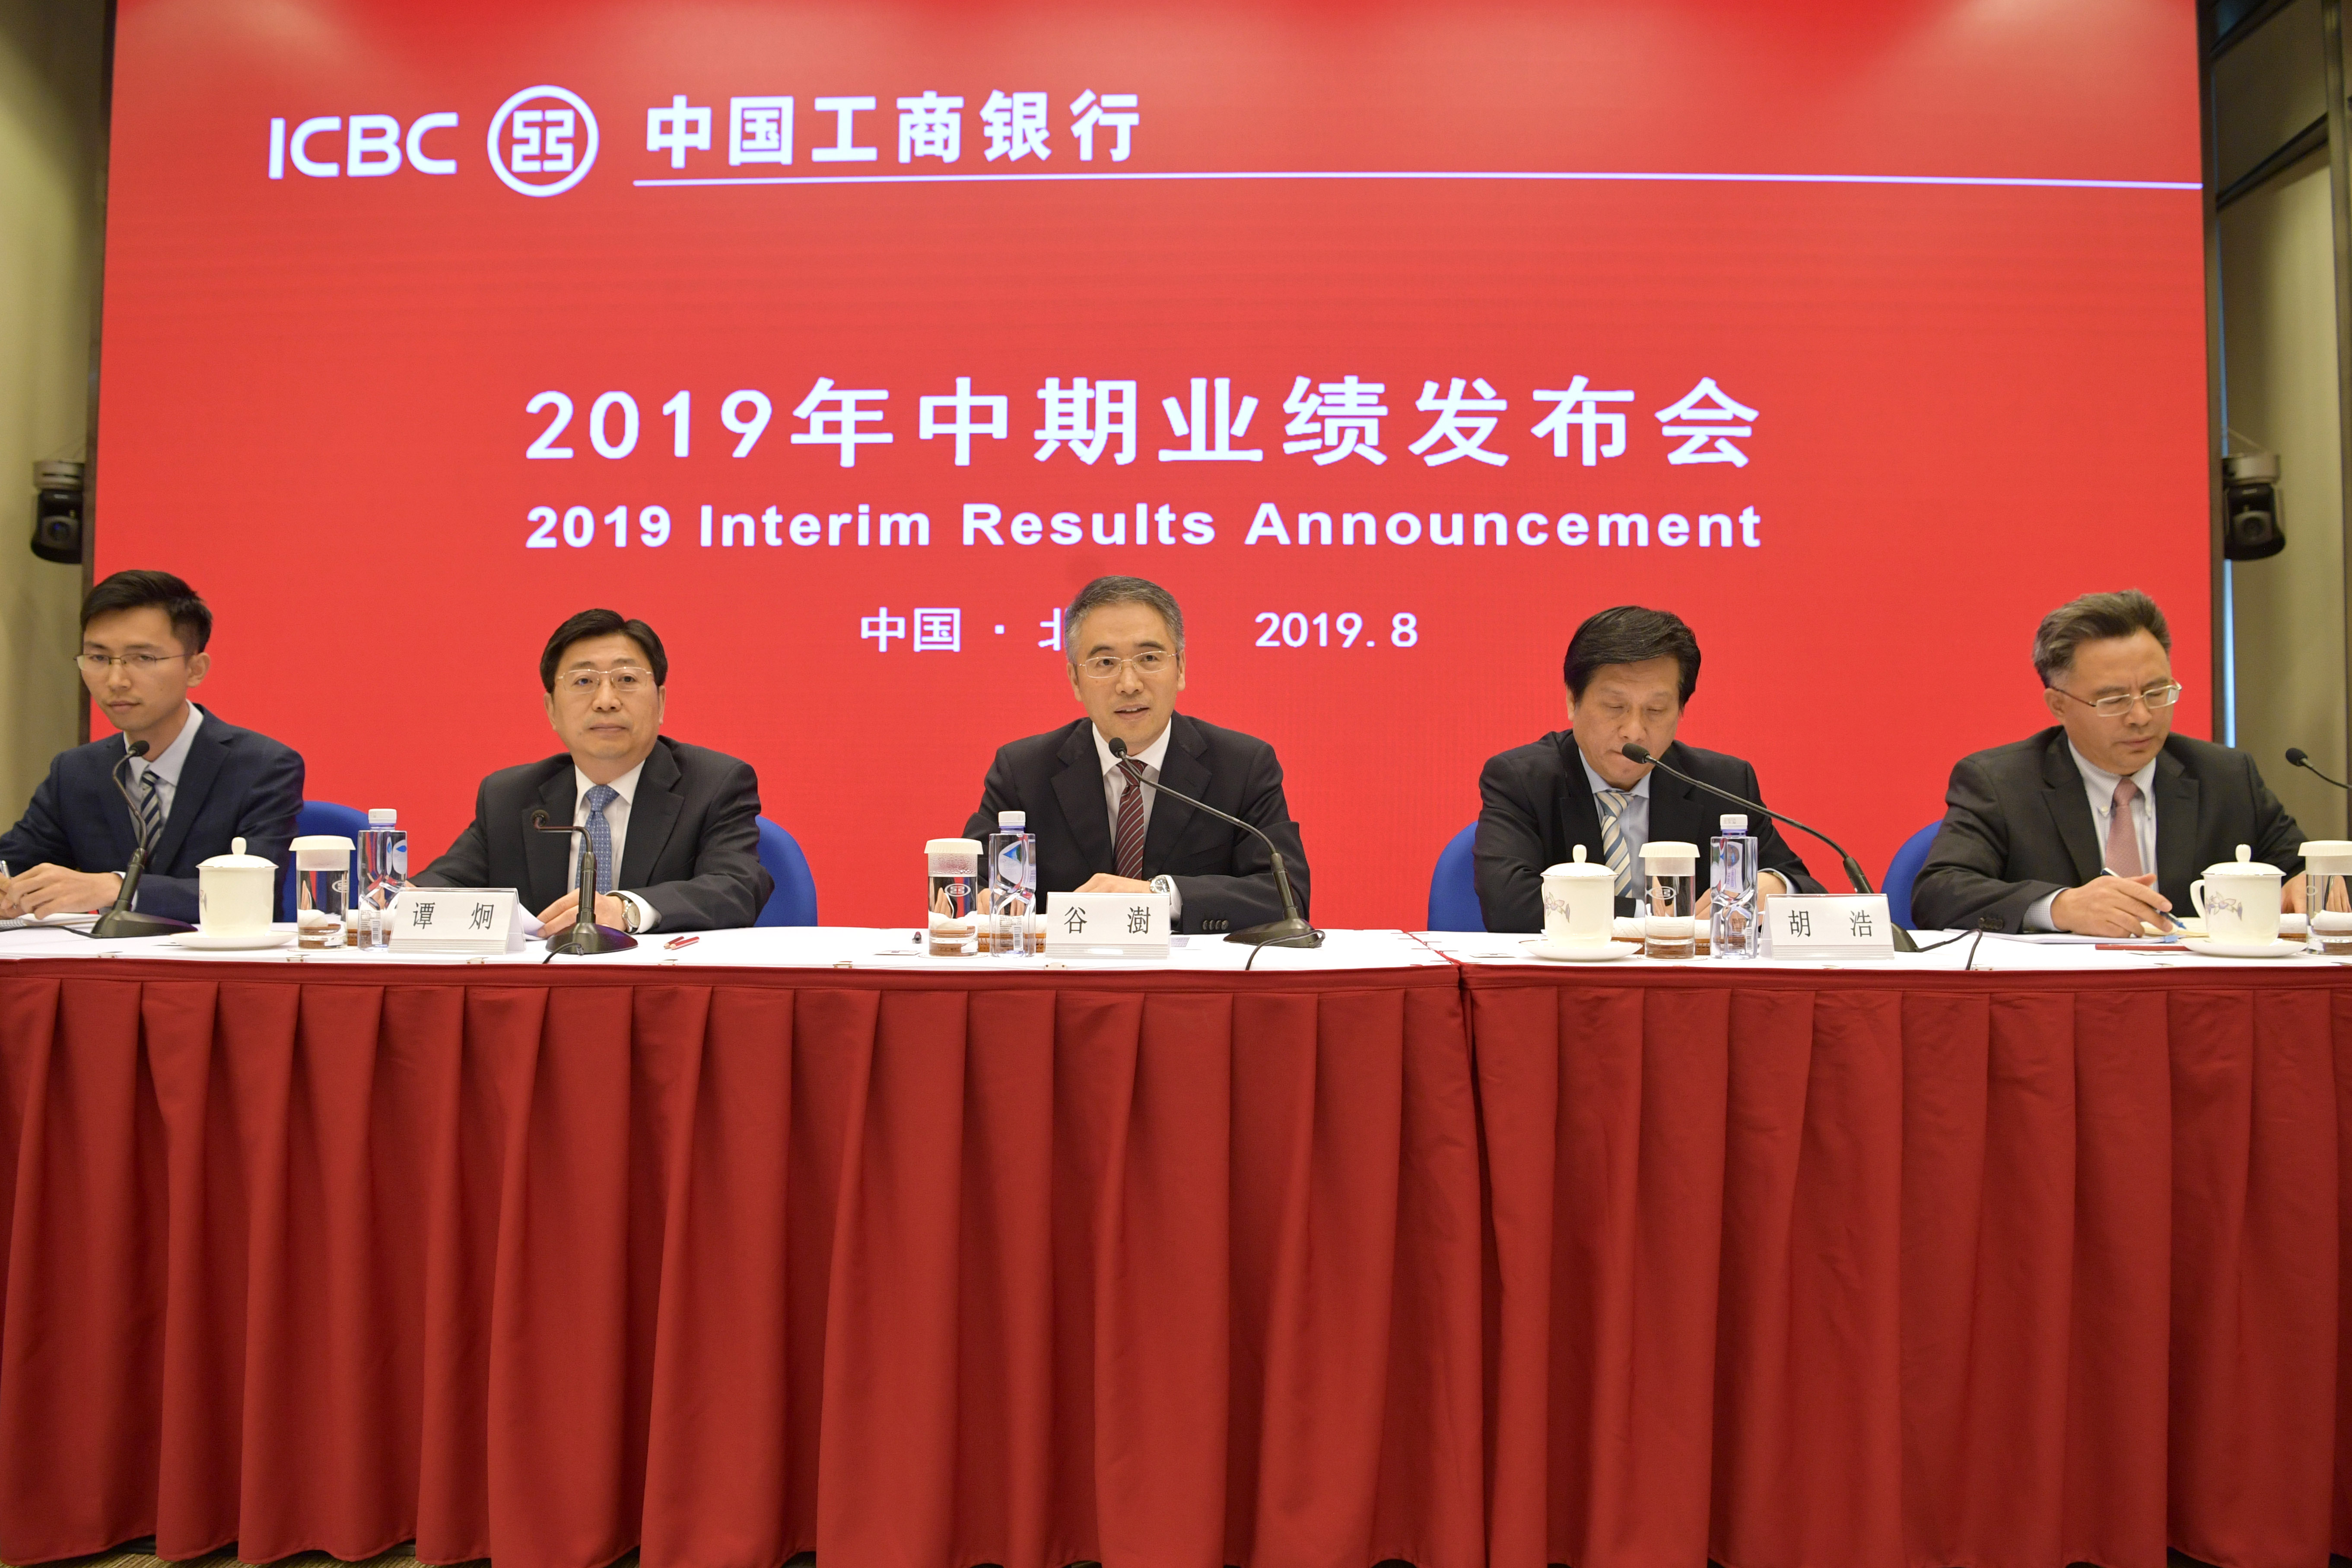 工商银行:对锦州银行的投资风险可控  投资上限为30亿